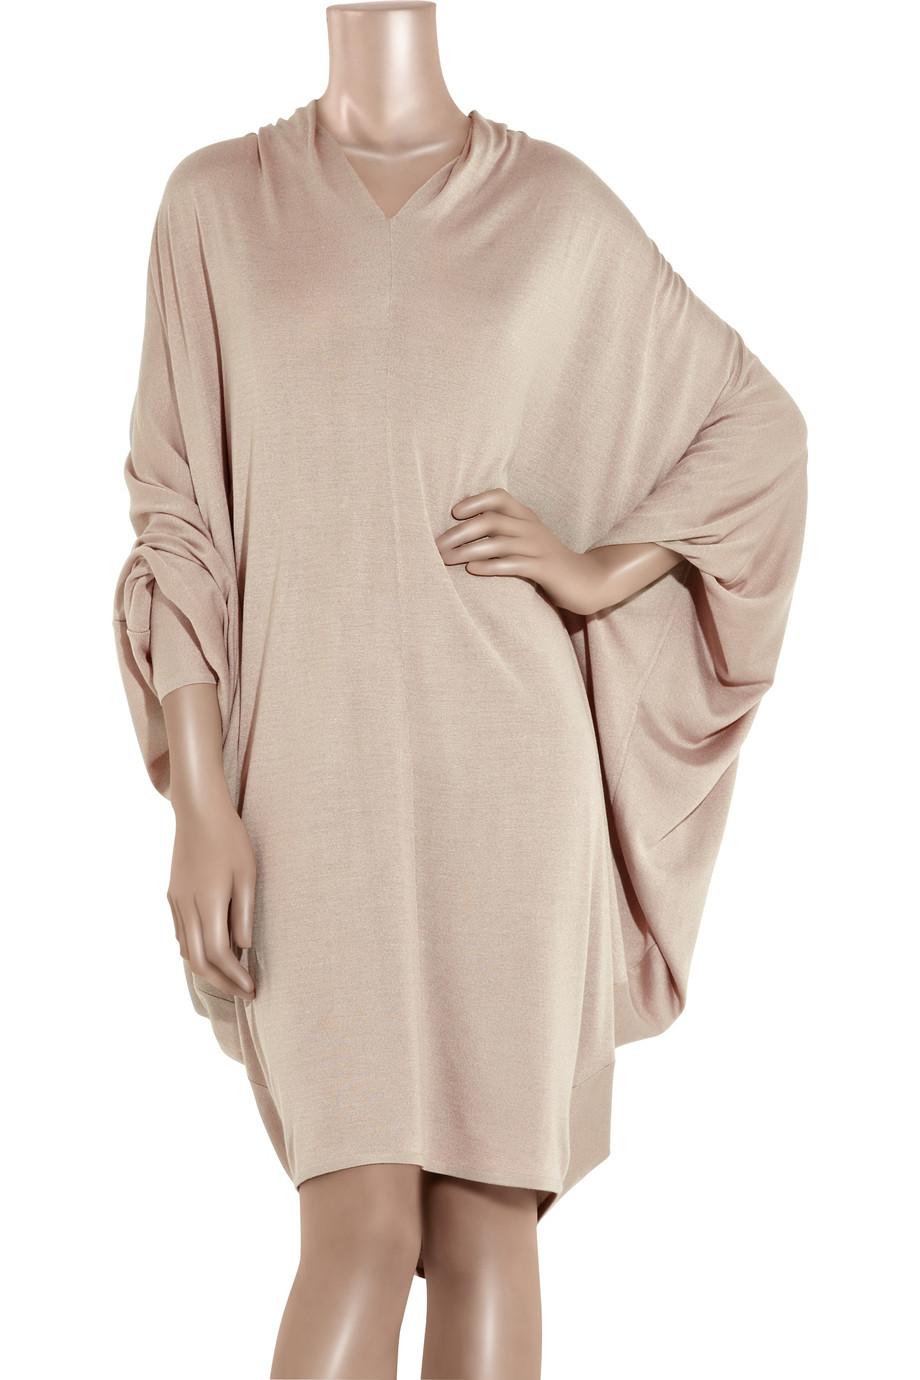 9838d211621 Alexander McQueen Batwing Fine-knit Sweater Dress in Pink - Lyst